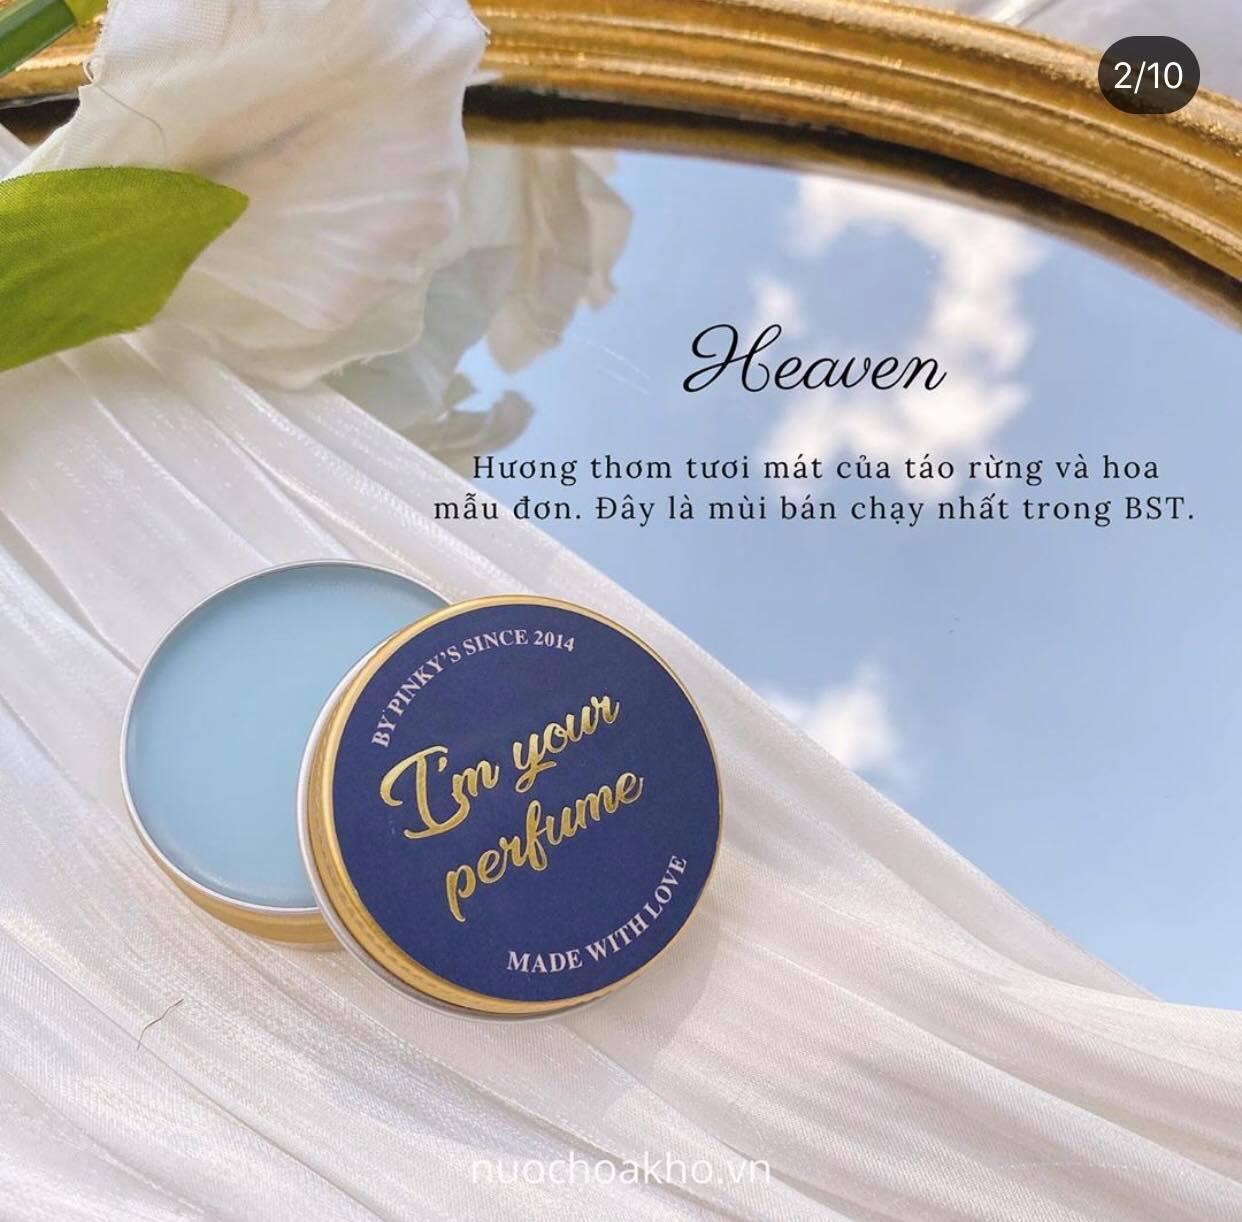 Review nước hoa khô Heaven